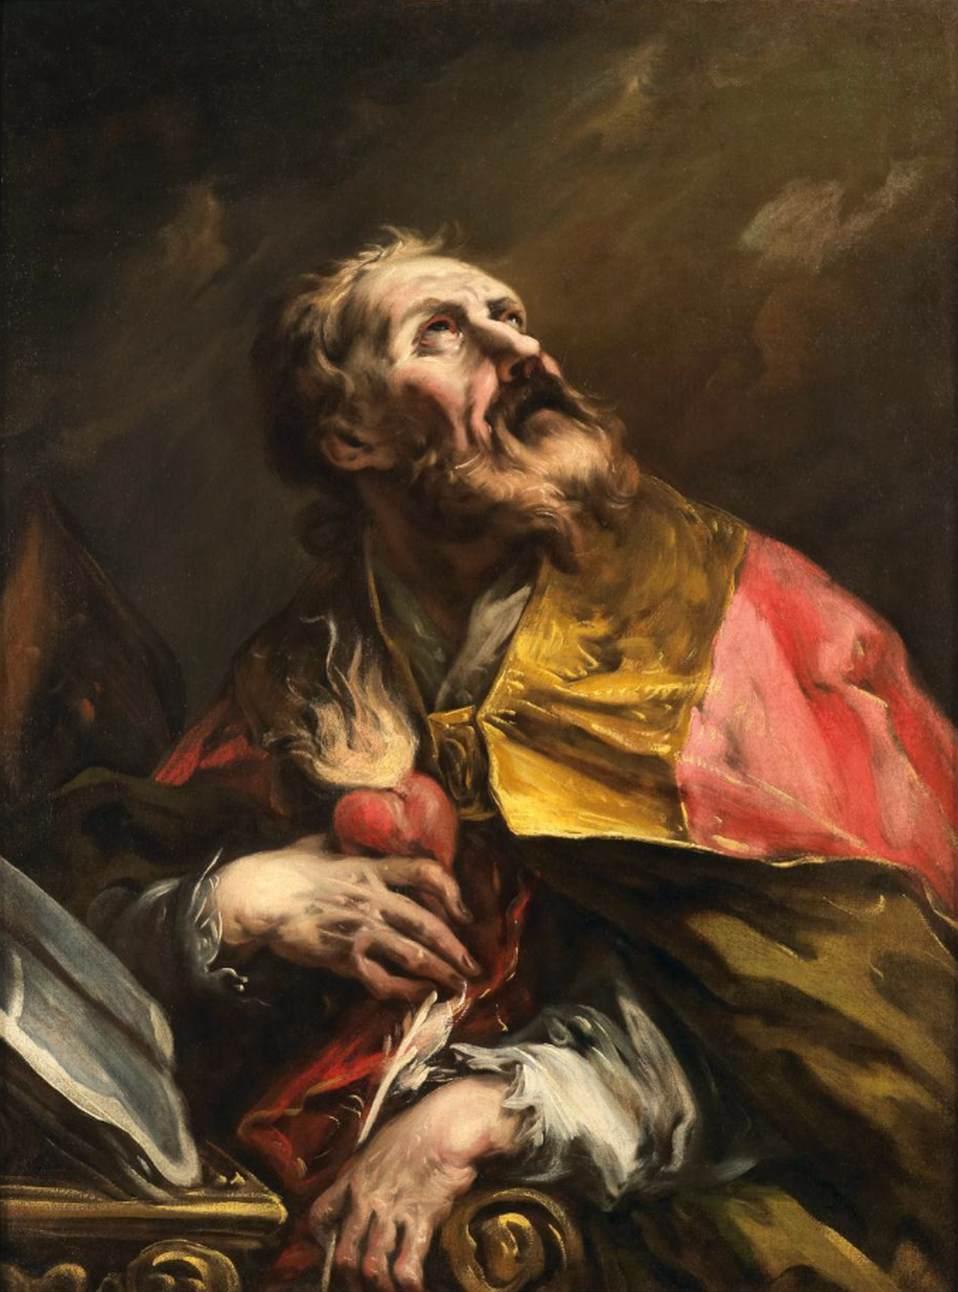 Thánh AUGUSTINÔ Giám mục Tiến Sĩ Hội Thánh (354-430)